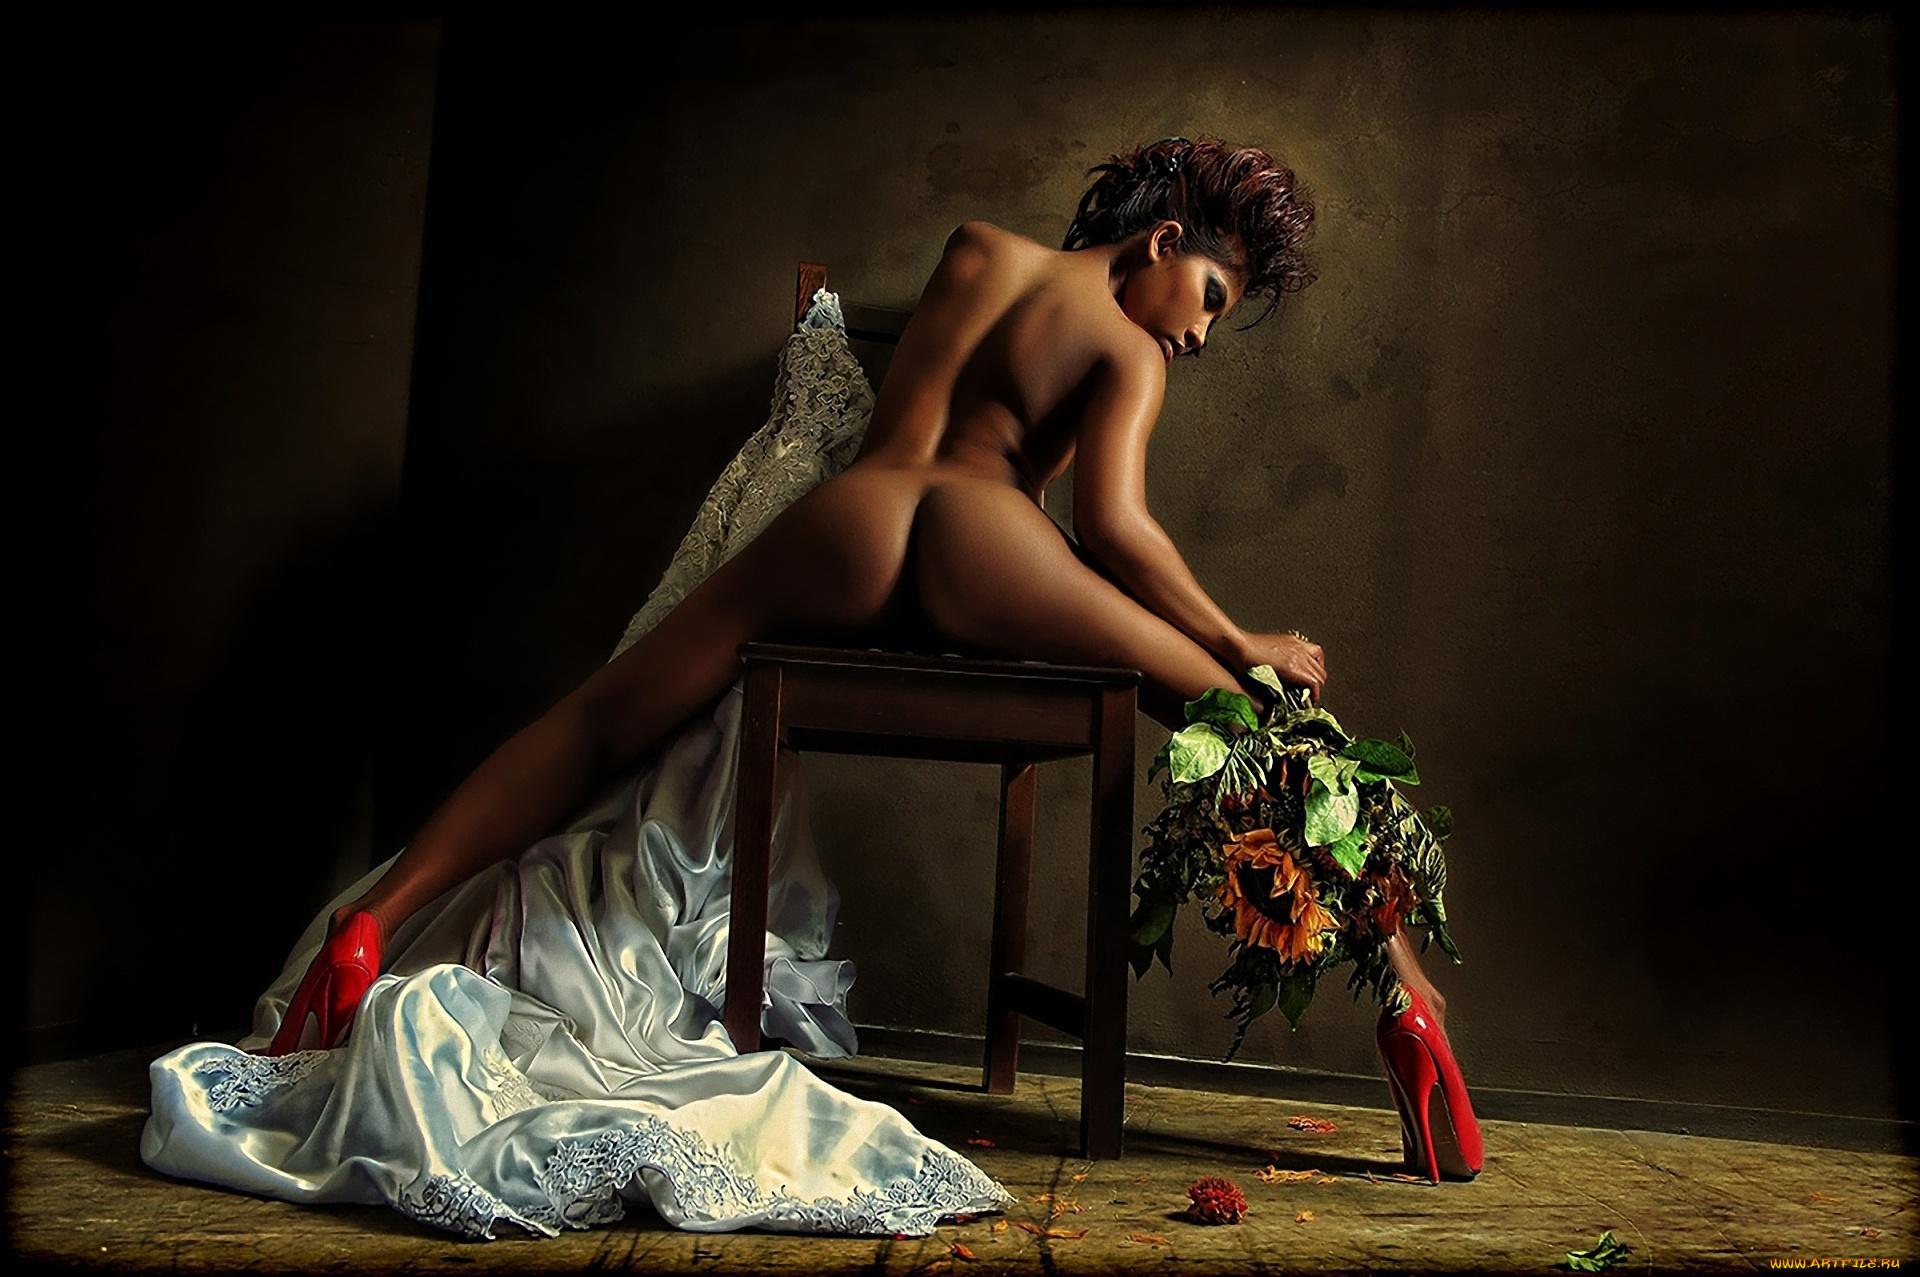 Прекрасная рабыня фото 24 фотография